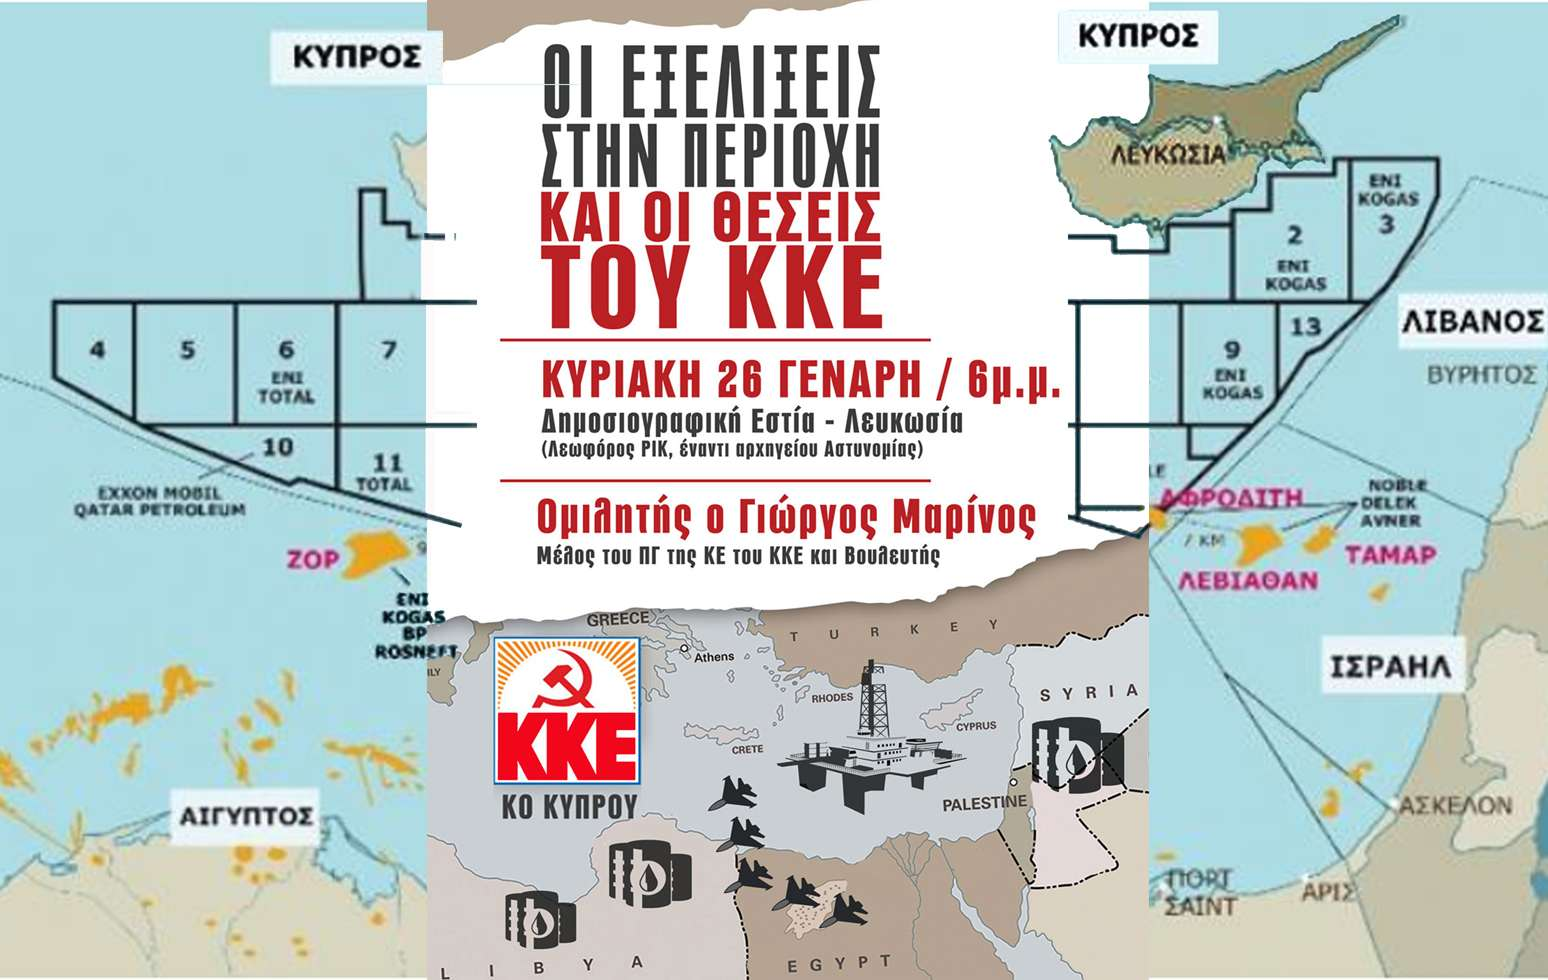 του ΚΚΕ στην Κύπρο 26 01 2019